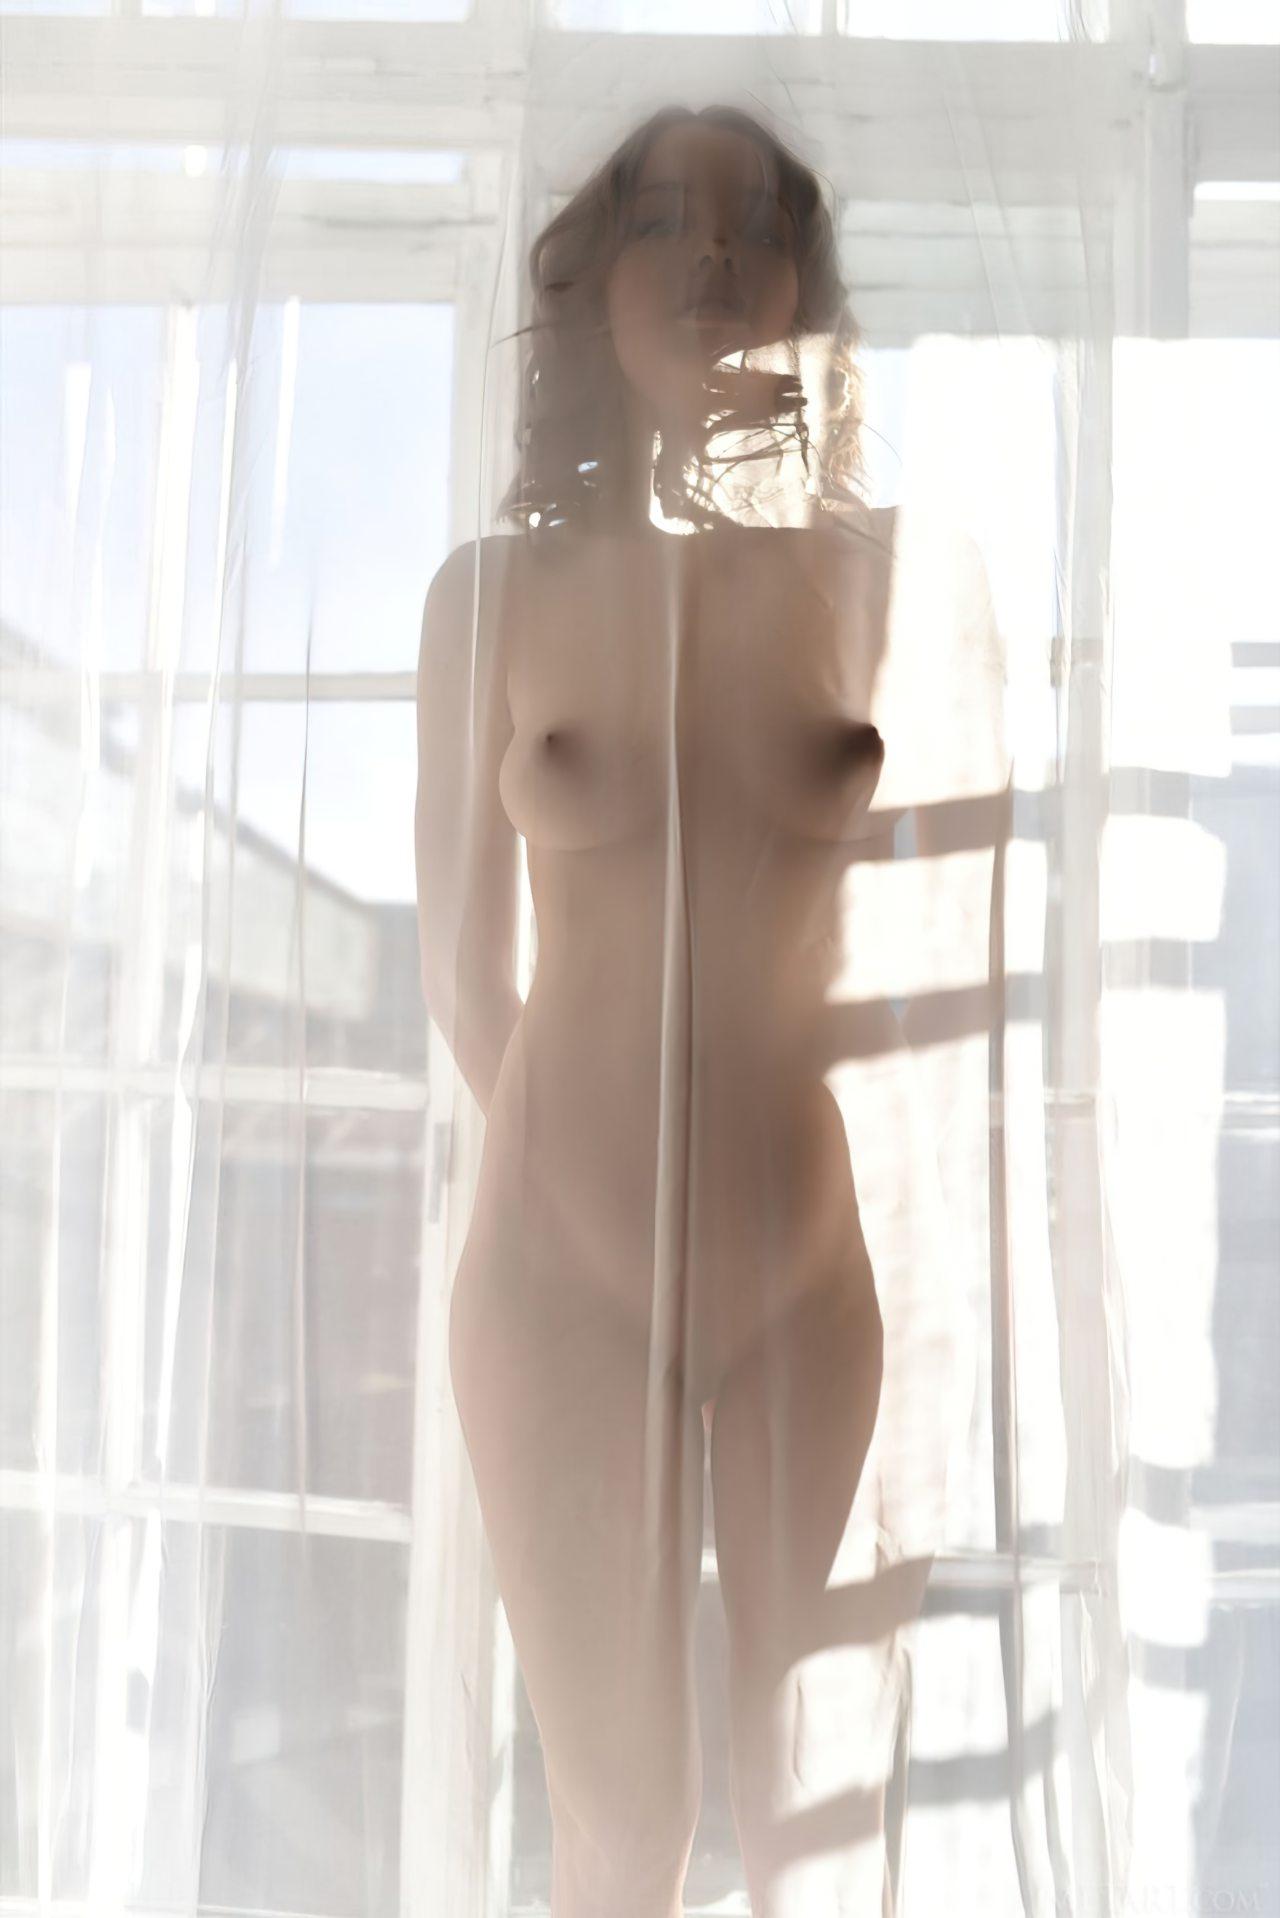 Mulher Despida em Casa (9)